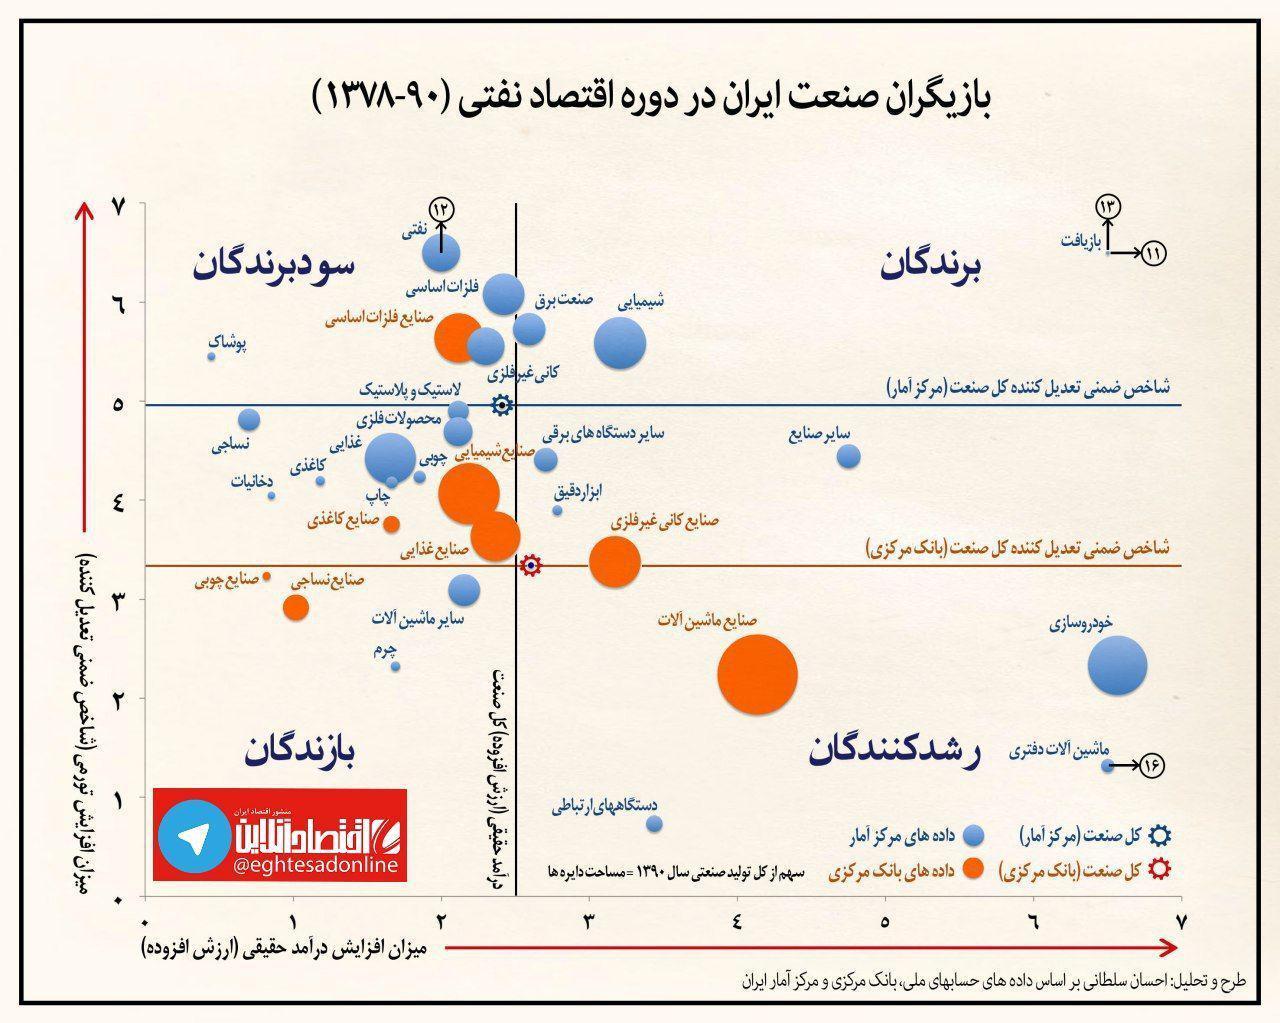 صنعت ایران